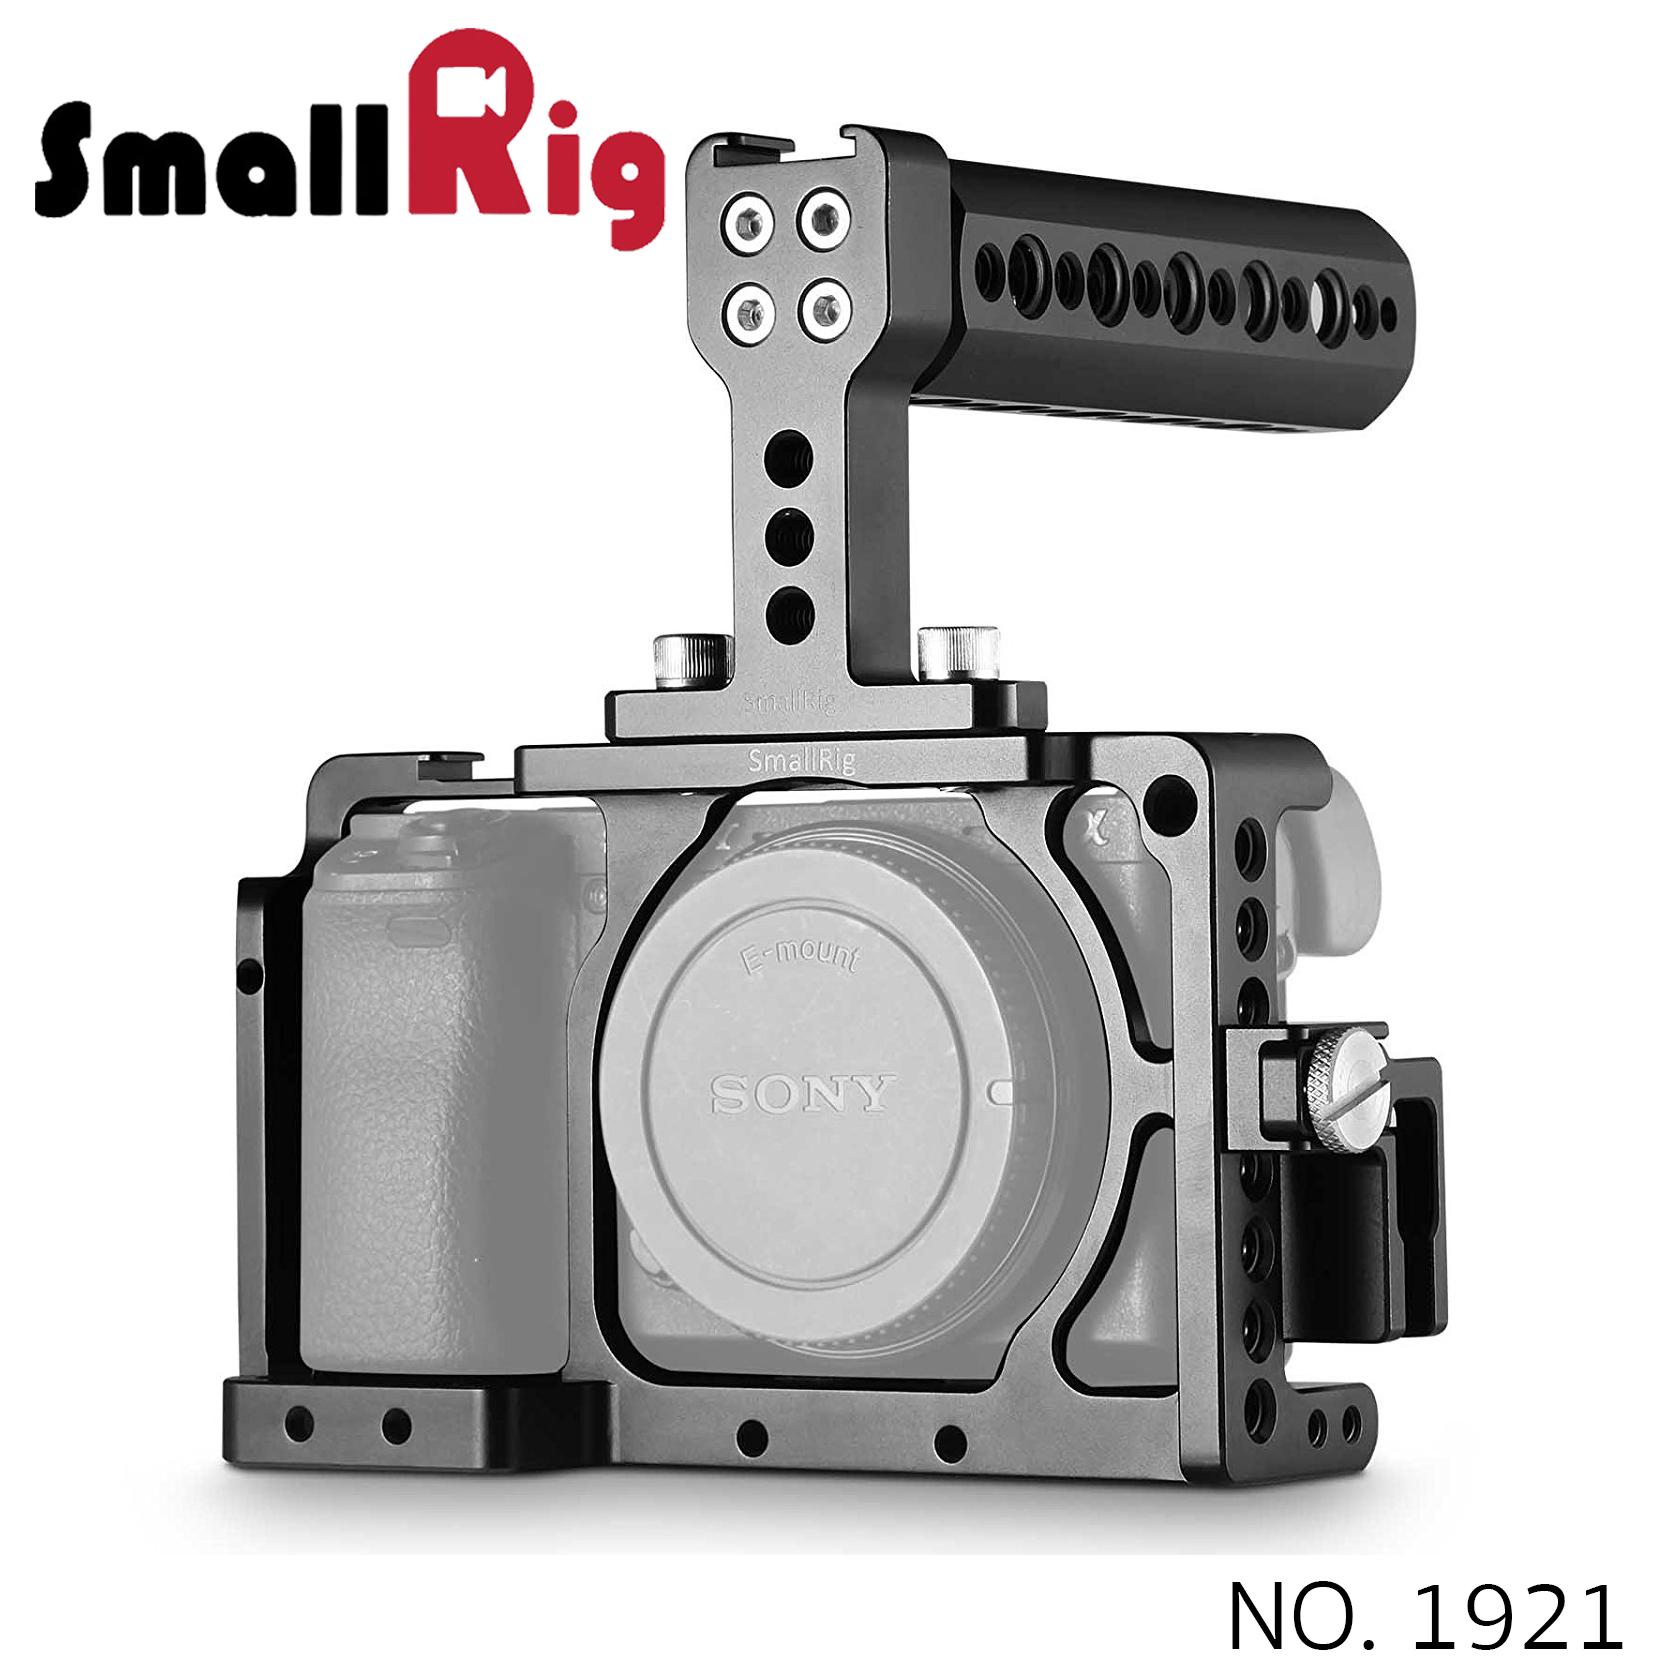 SMALLRIG® Sony A6000/A6300/A6500 ILCE-6000/ILCE-6300/ILCE-6500/NEX7 Camera Accessory Kit 1921